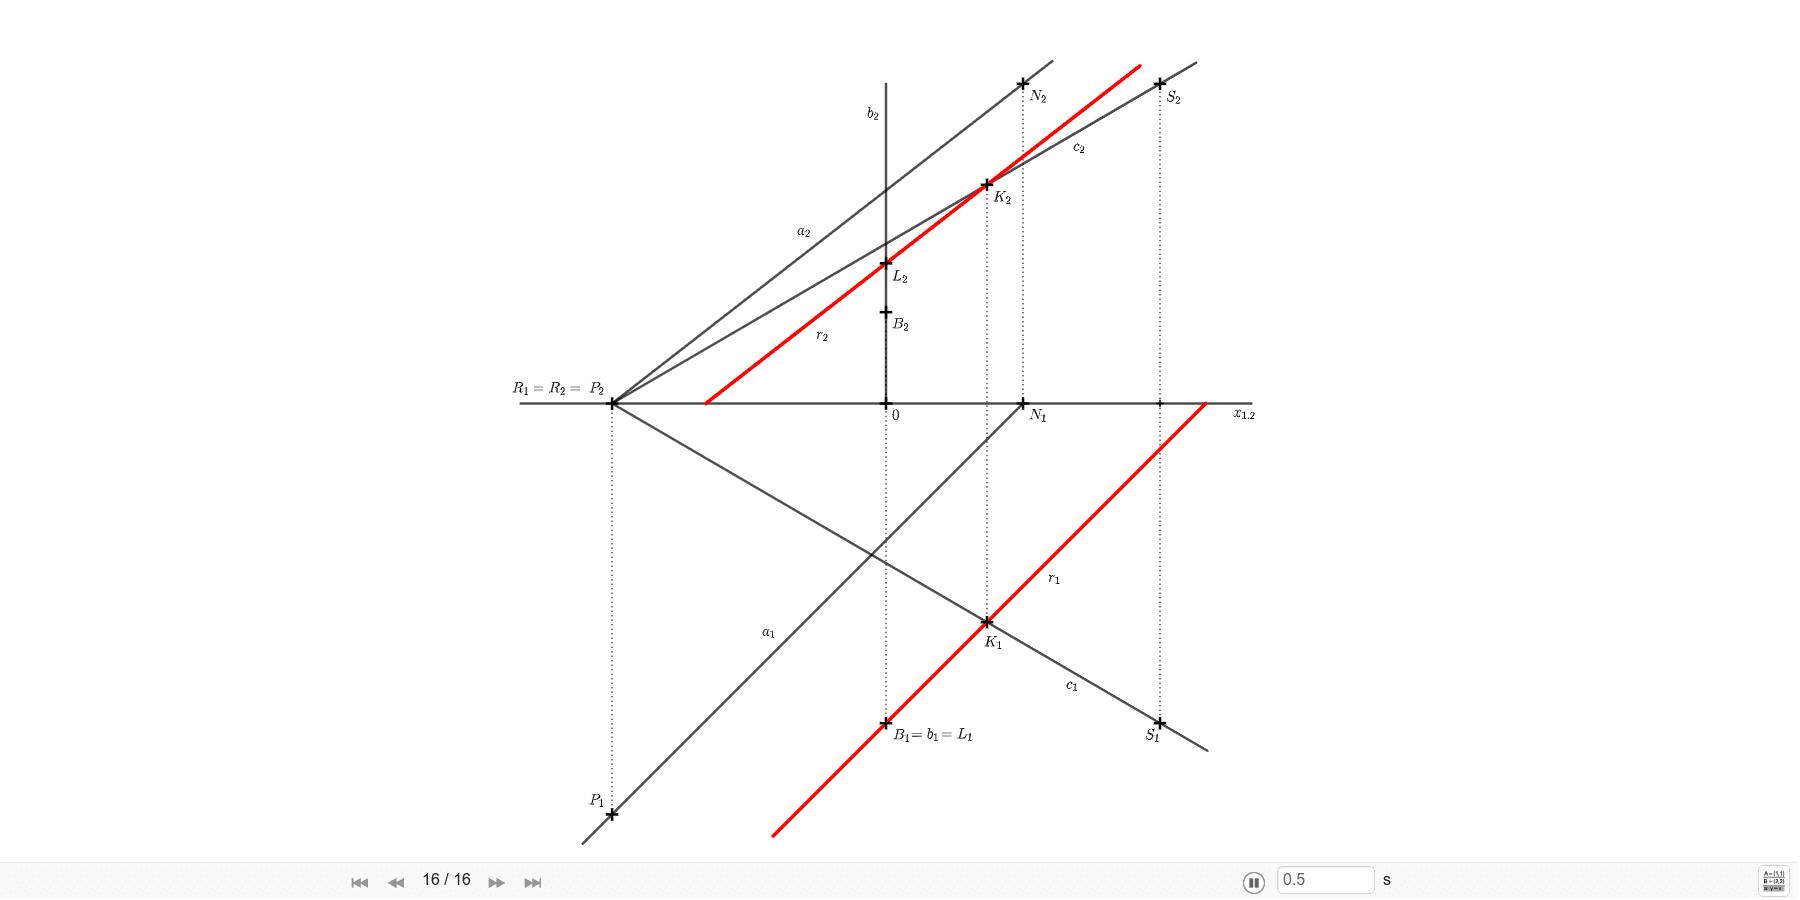 Sestrojte přímku, která je rovnoběžná s přímkou a=PN, protíná přímku b (b ⊥ π, B ∈ b) a zároveň protíná přímku c = RS. A=[-6; 9; 0], B=[3; 0; 7], B=[0; 7; 0], R=[-6; 0; 0], S=[6; 7; 7;]. Zahajte aktivitu stisknutím klávesy Enter